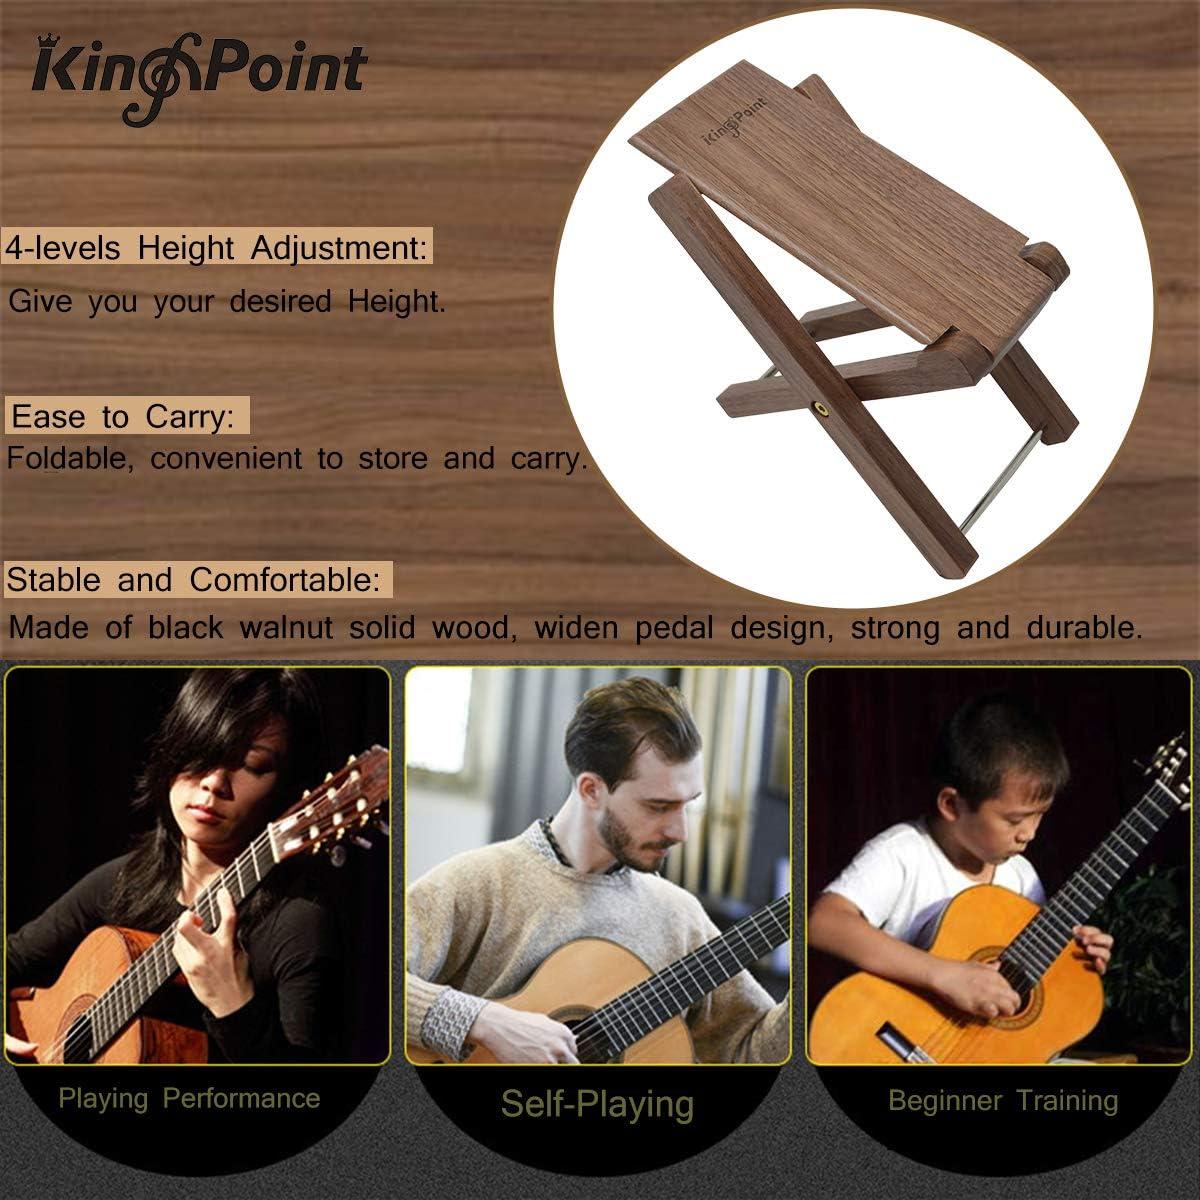 KingPoint Solid Wood Guitar Footstool 4 Adjusatble Height Levels Black Walnut Wood Guitar Footres Foldable Black Walnut Footstool